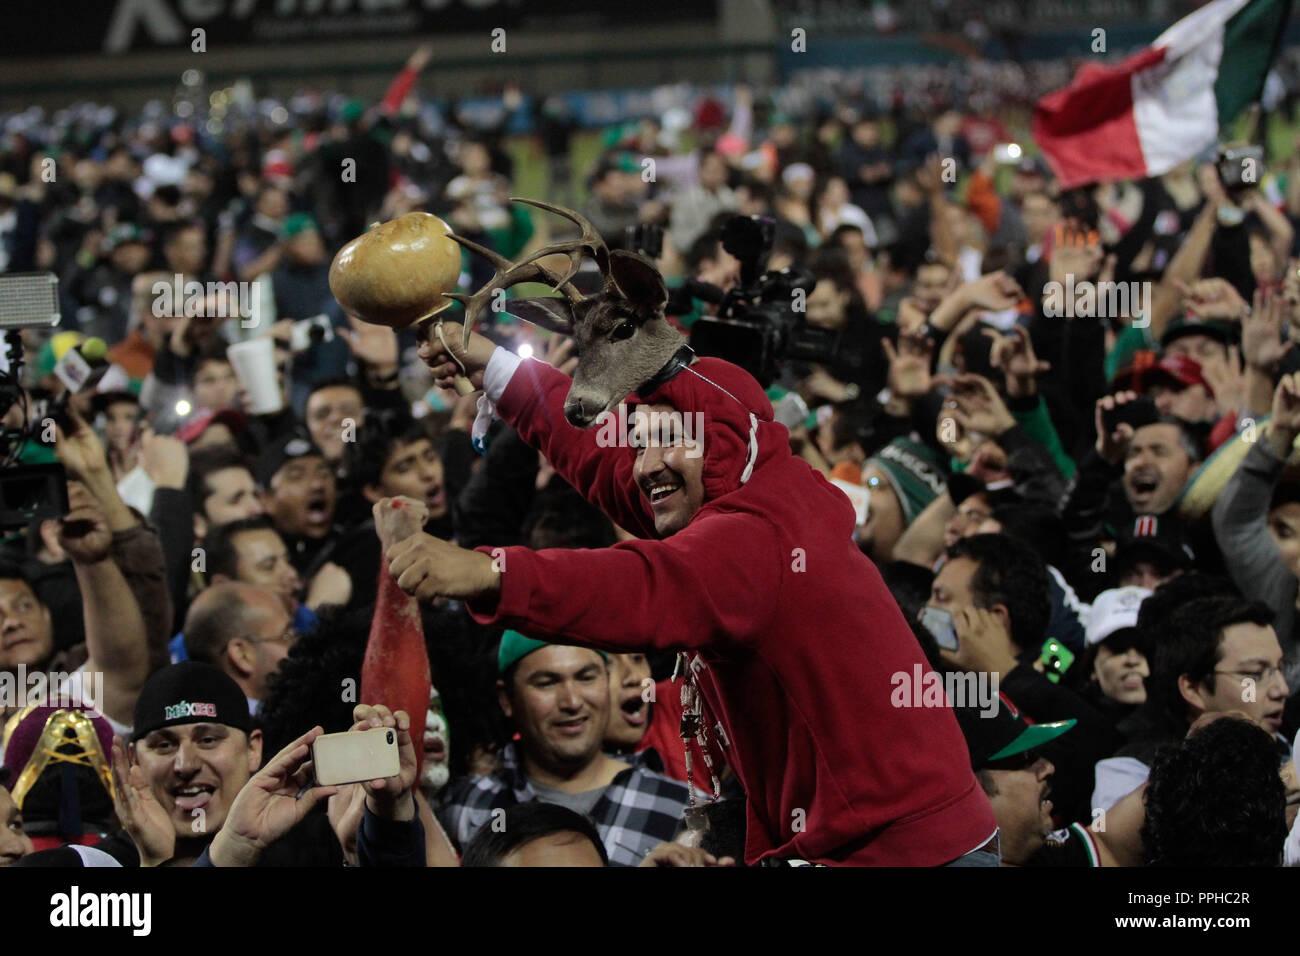 La Danza del Venado. Danzantes del Venado. El equipo de México se corono campeón de la Serie del Caribe 2013 en duelo contra República Dominicana que du Imagen De Stock